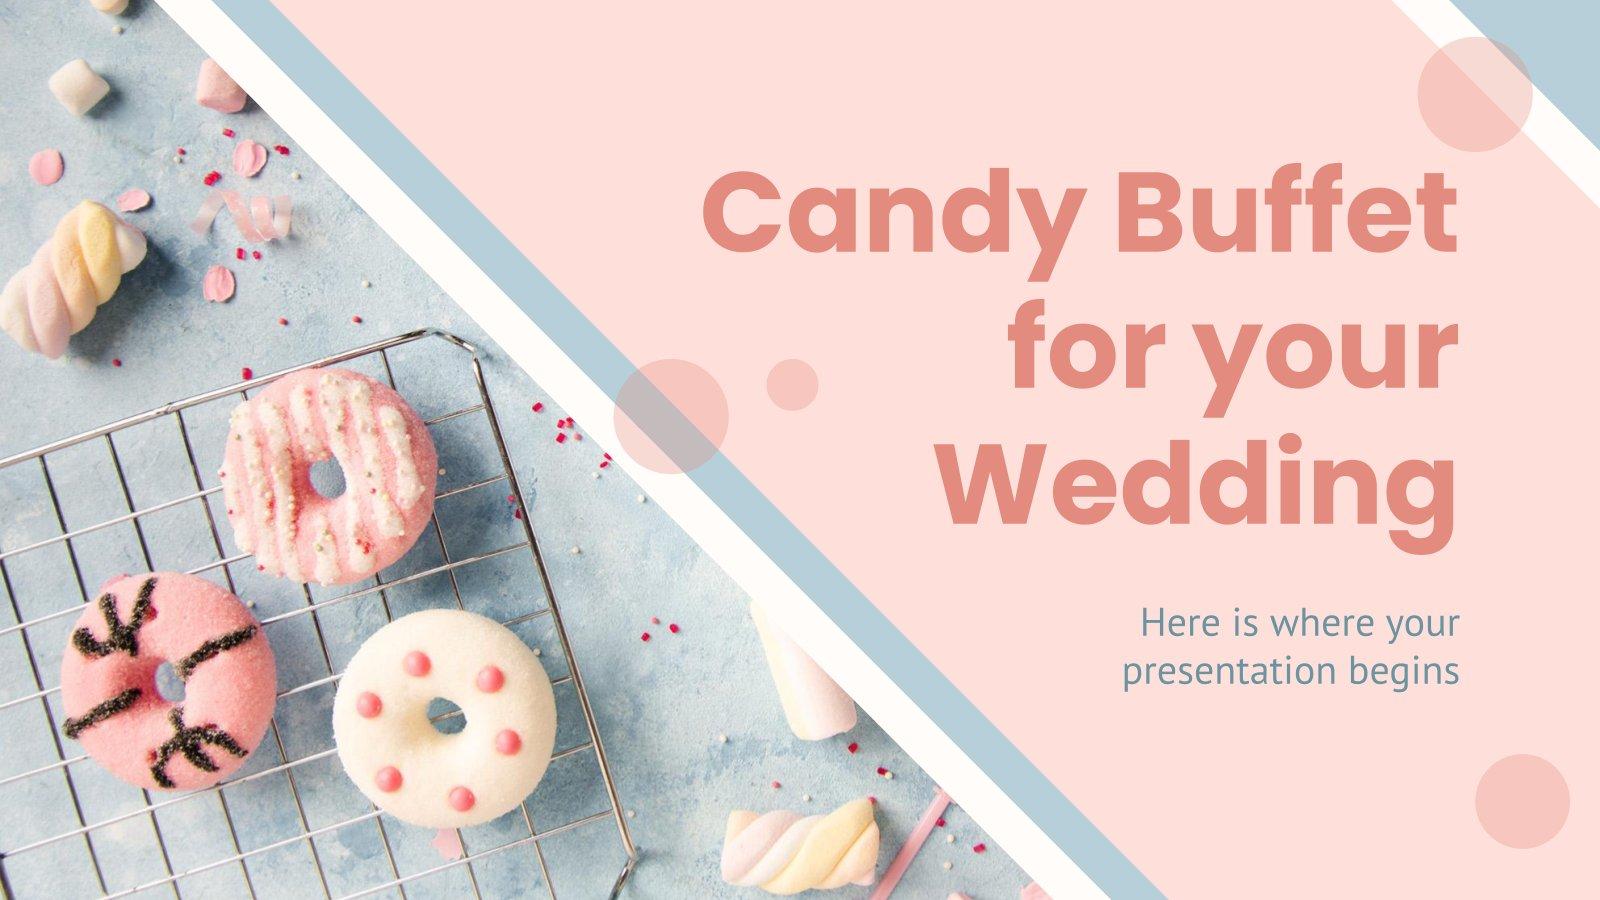 Buffet de bonbons pour votre mariage : Modèles de présentation